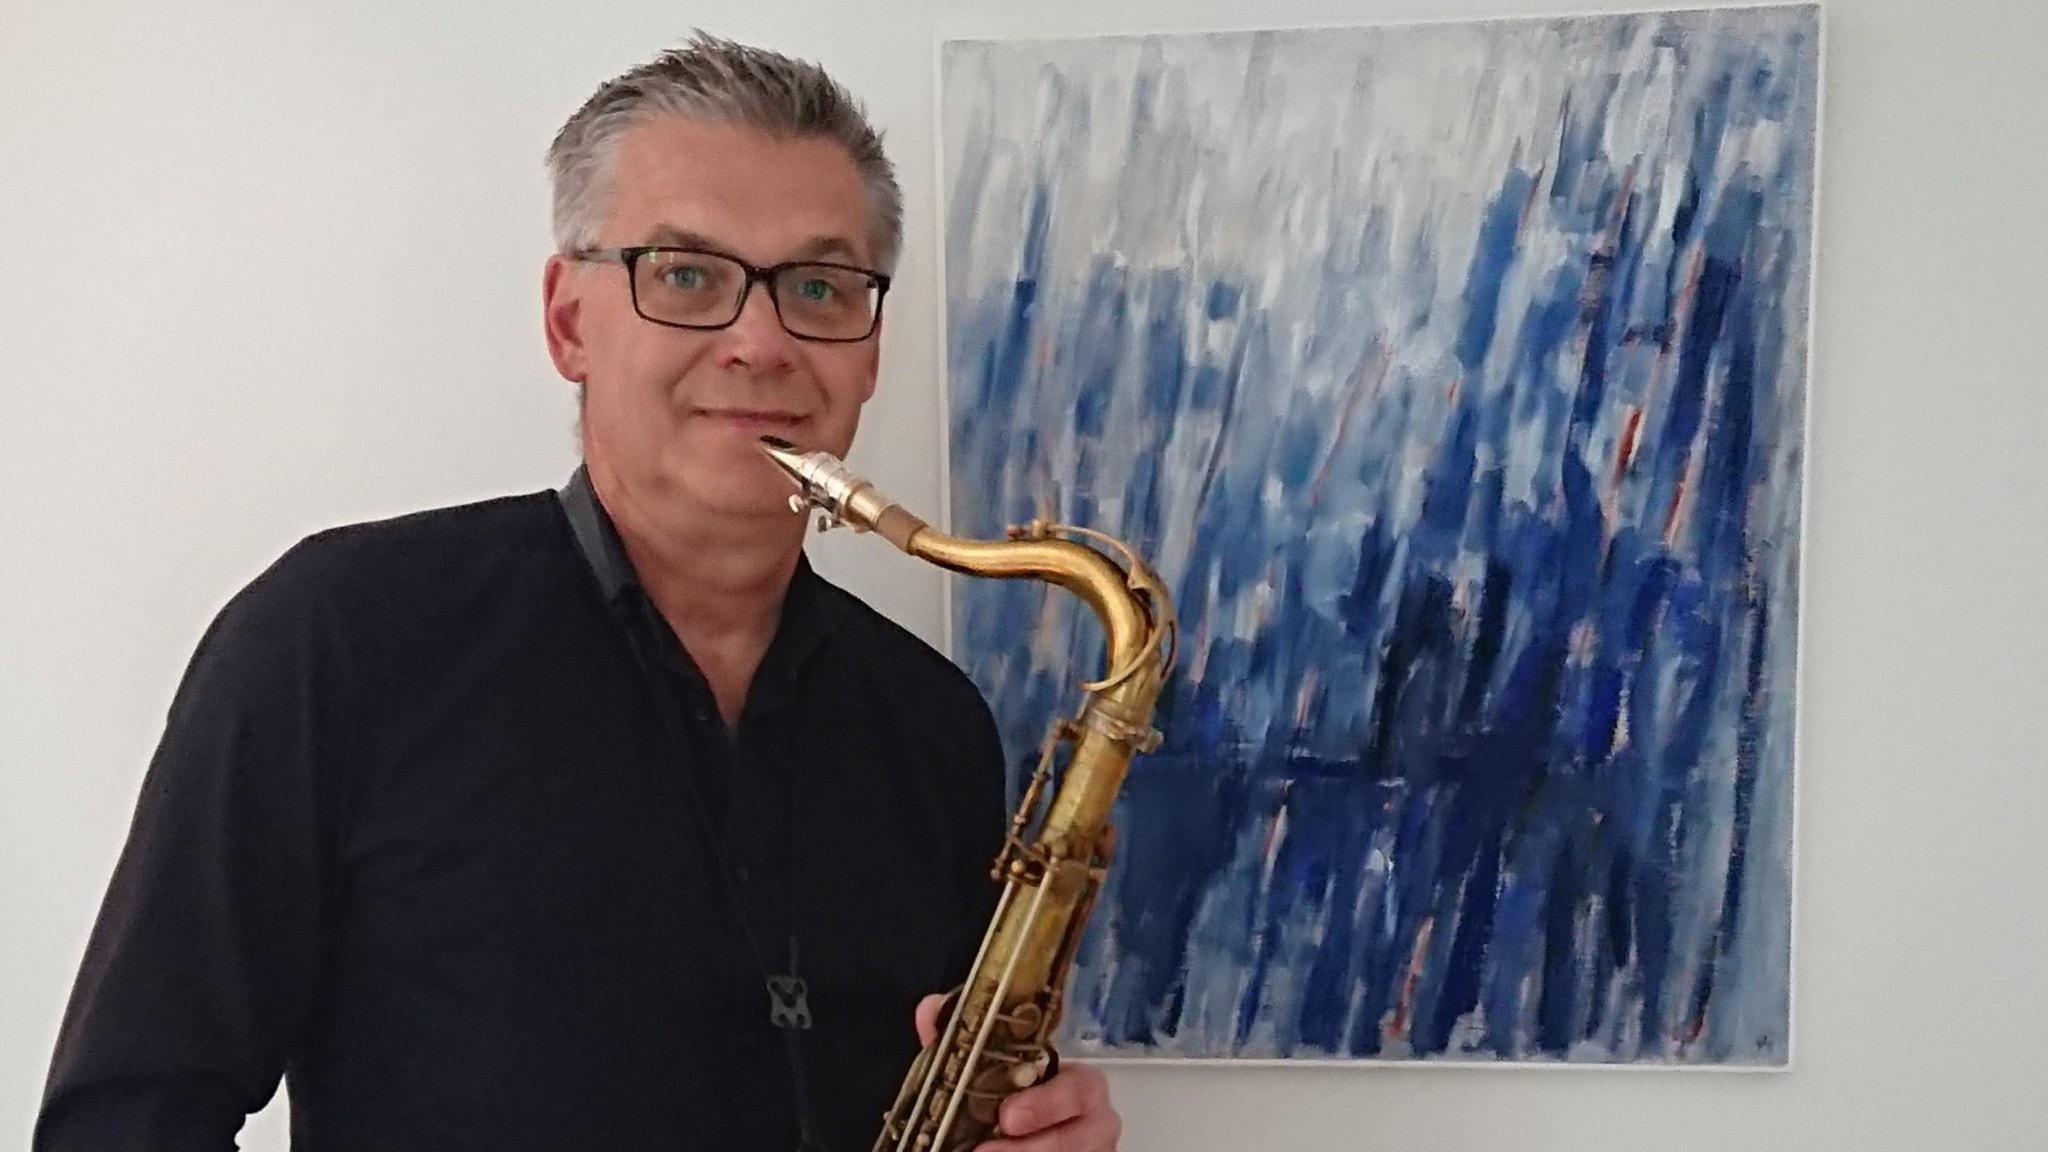 """Saxofonisten Per Thornberg framför """"Blå rytm"""" av Signe Lanje (1912-2004) som han har tonsatt. Foto: Eva Thornberg."""